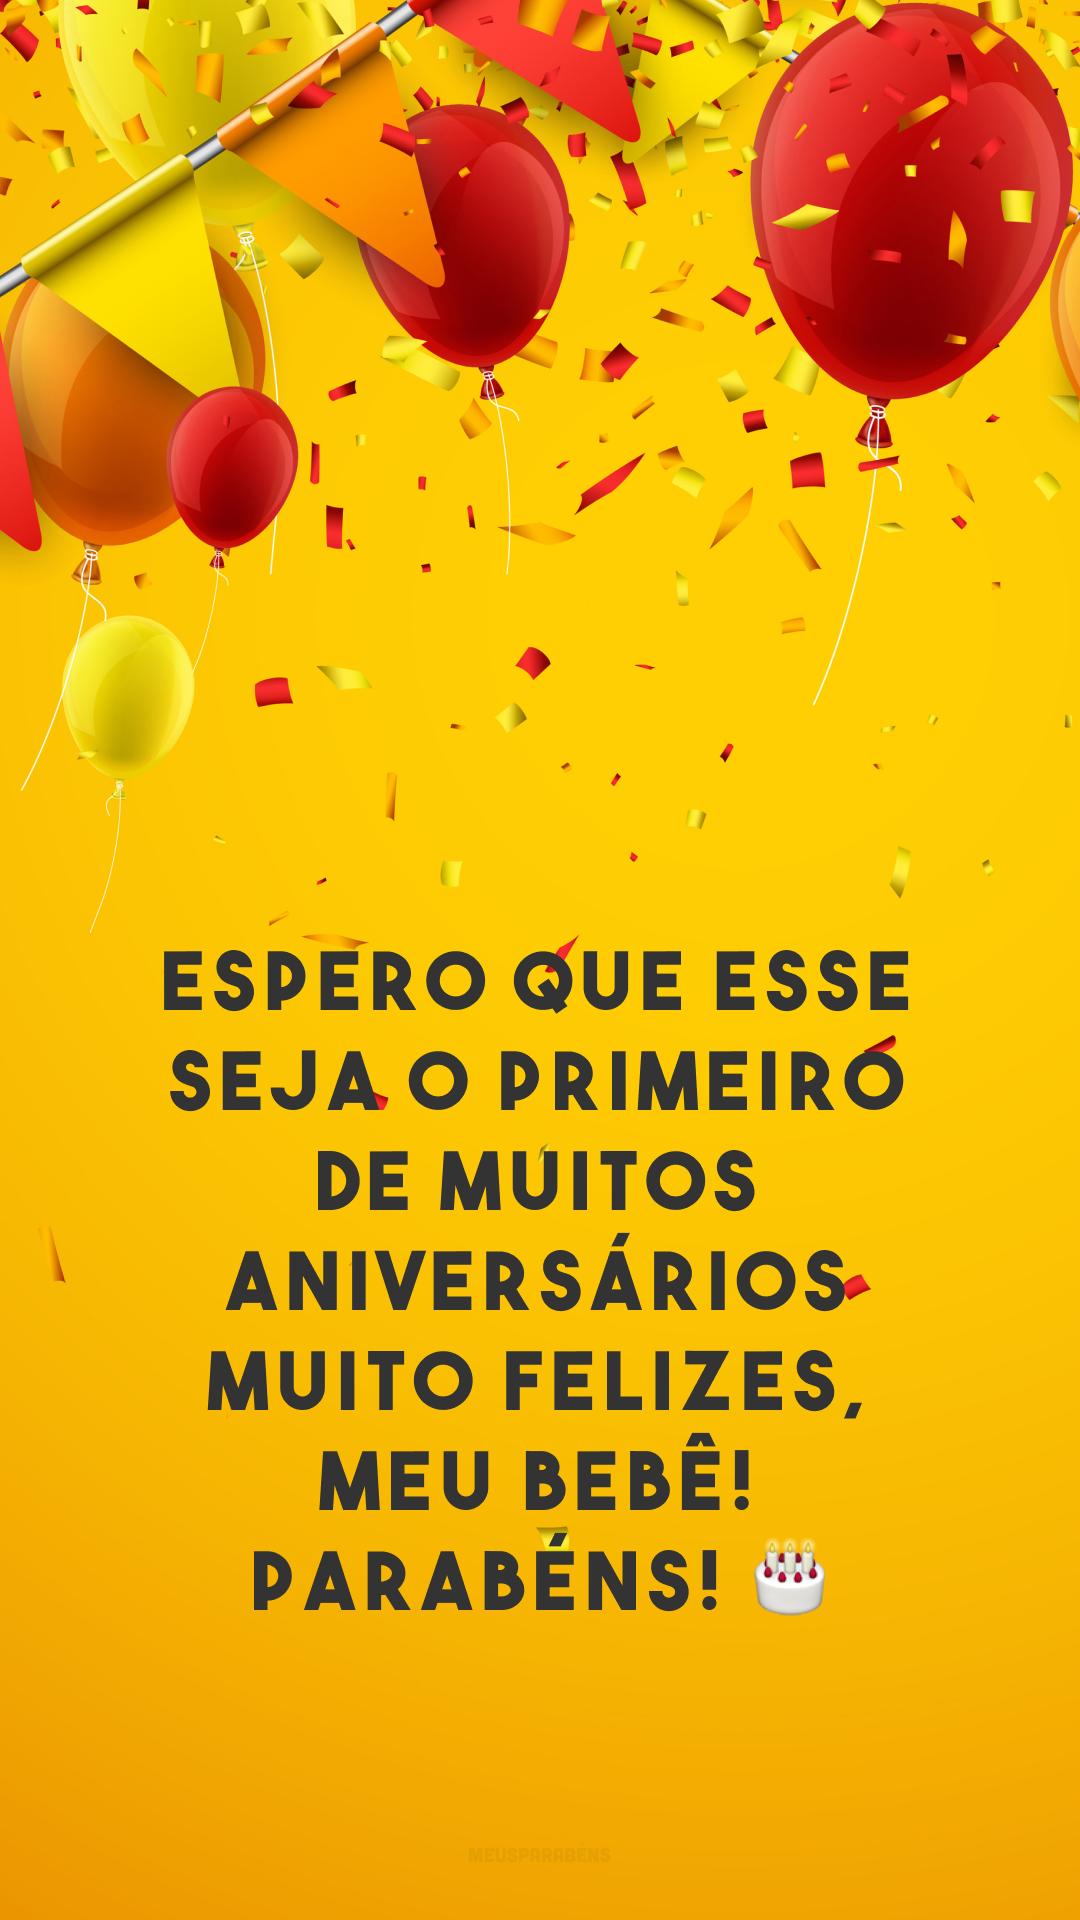 Espero que esse seja o primeiro de muitos aniversários muito felizes, meu bebê! Parabéns! 🎂